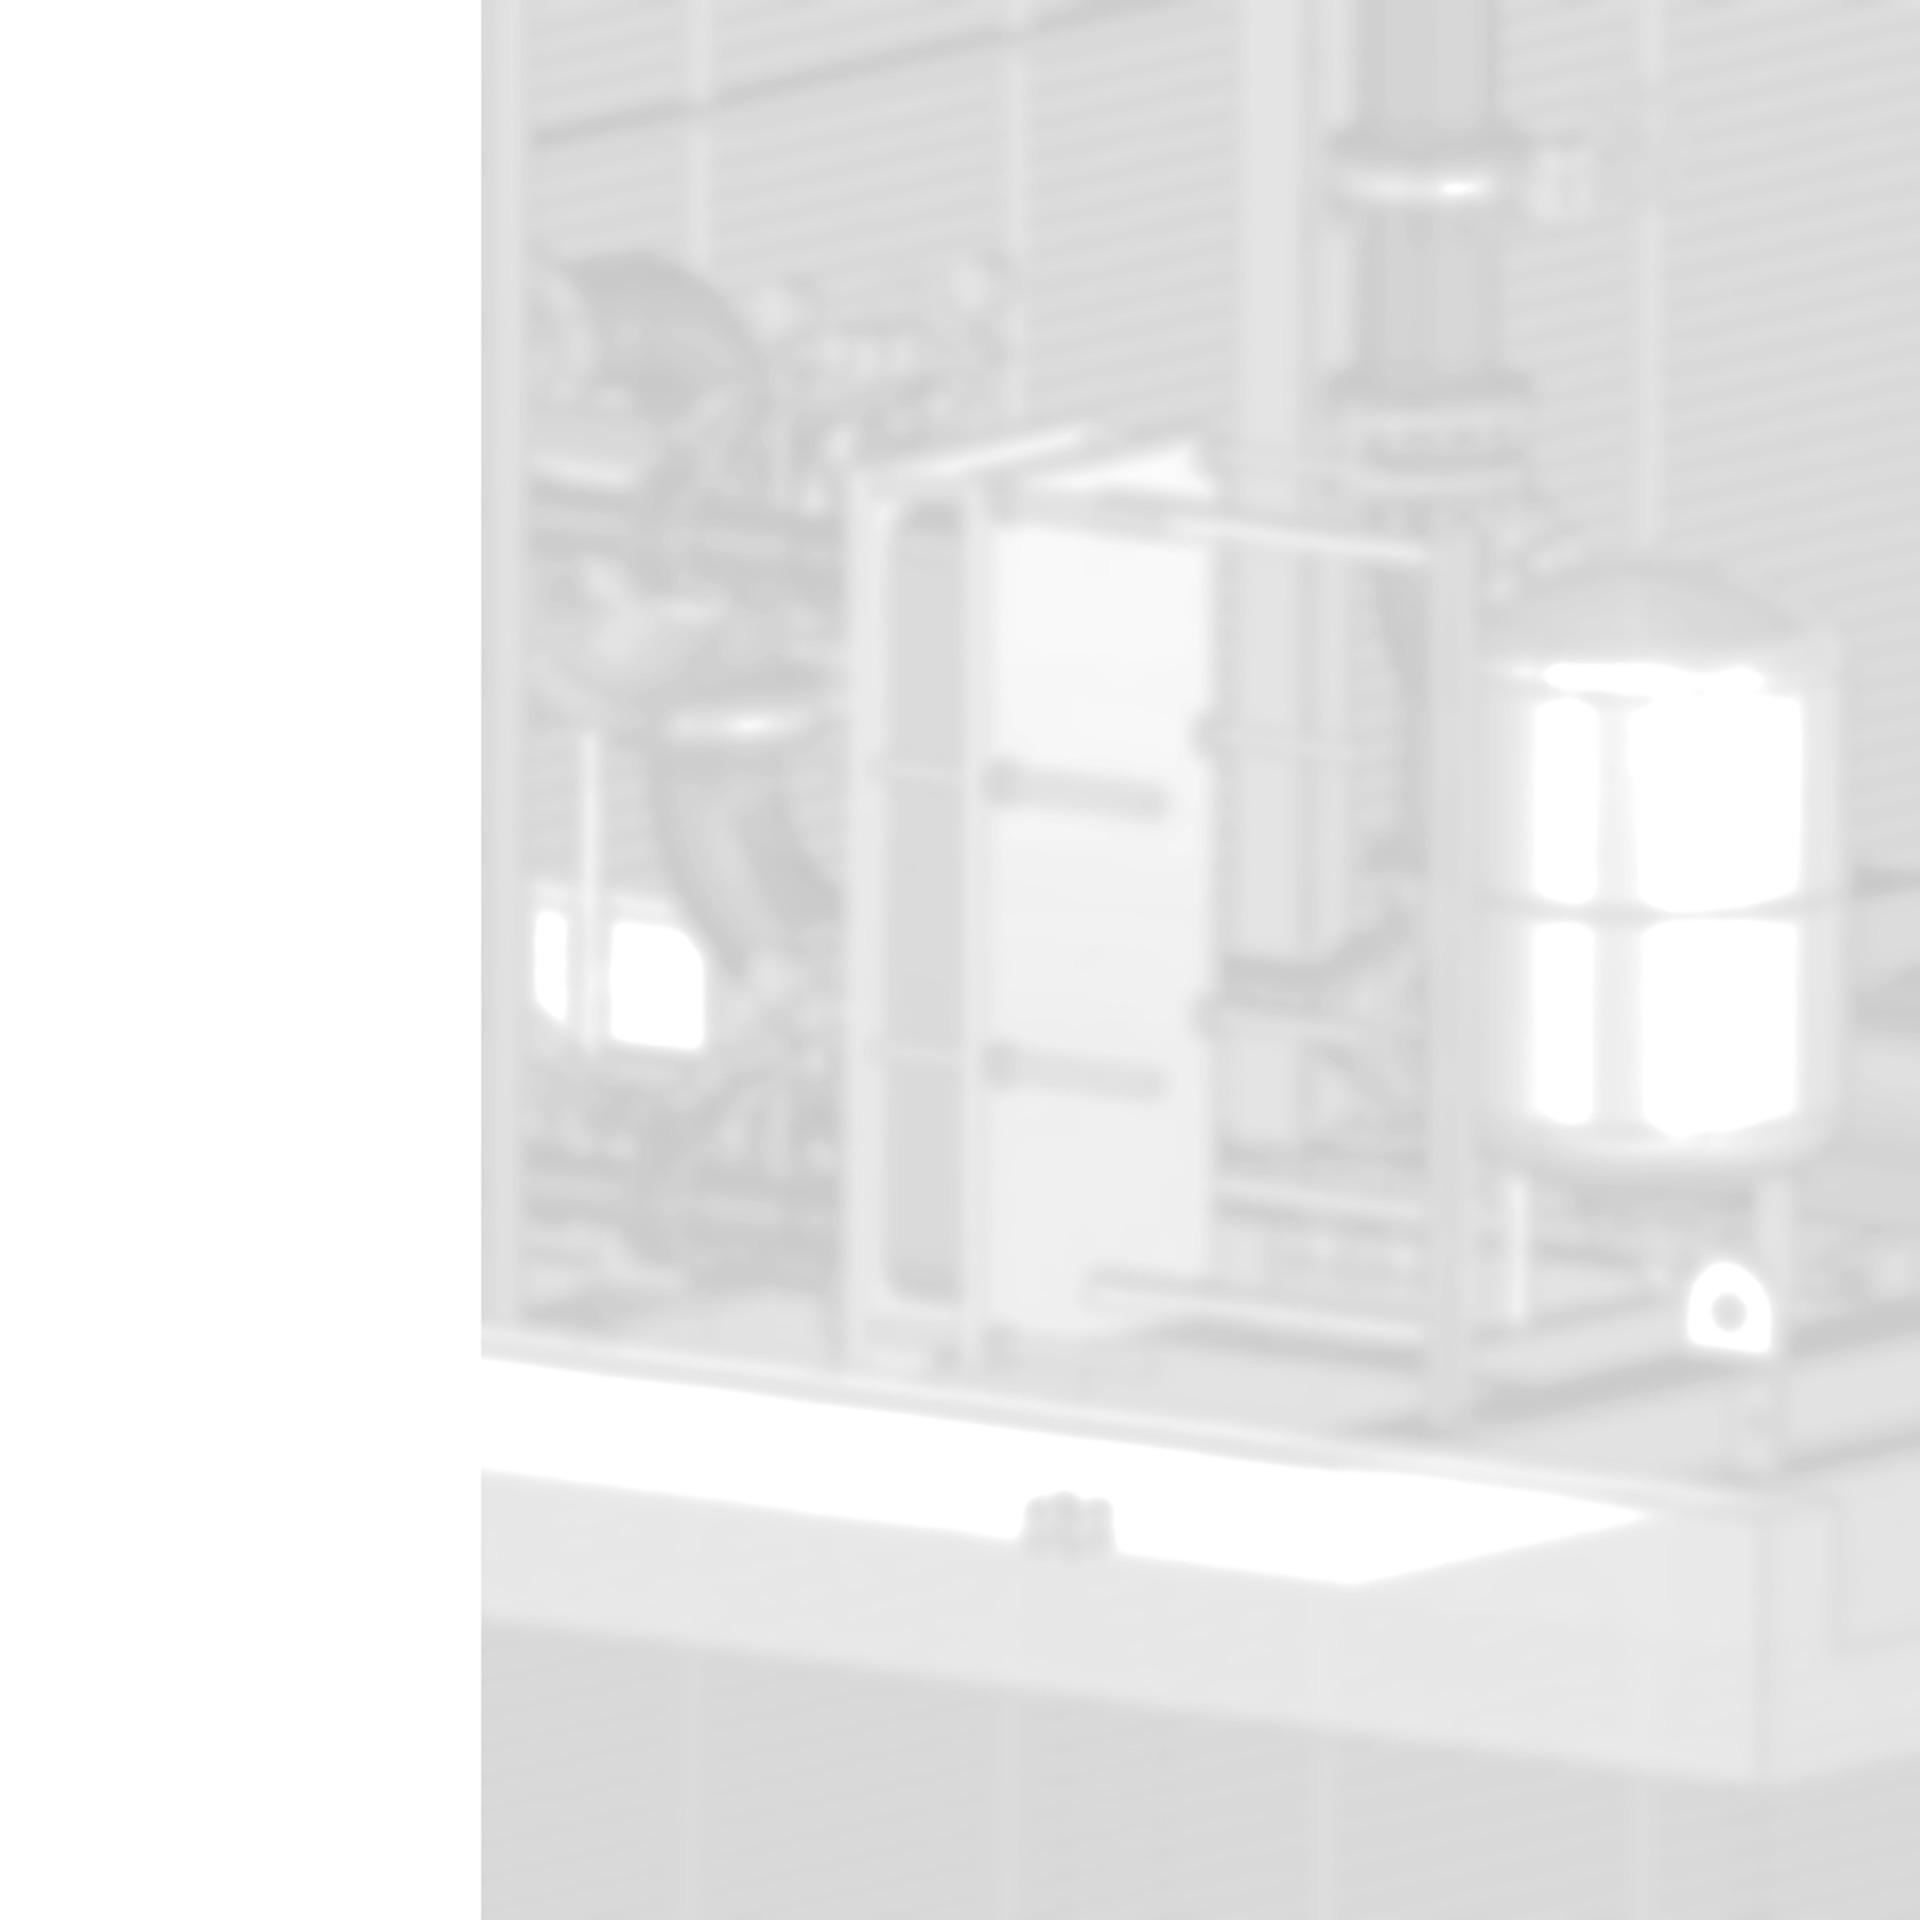 GWA_Engineering_Made_in_Germany_5_Gesellschaft_fuer_Waerme_und_Anlagentechnik_monochrom